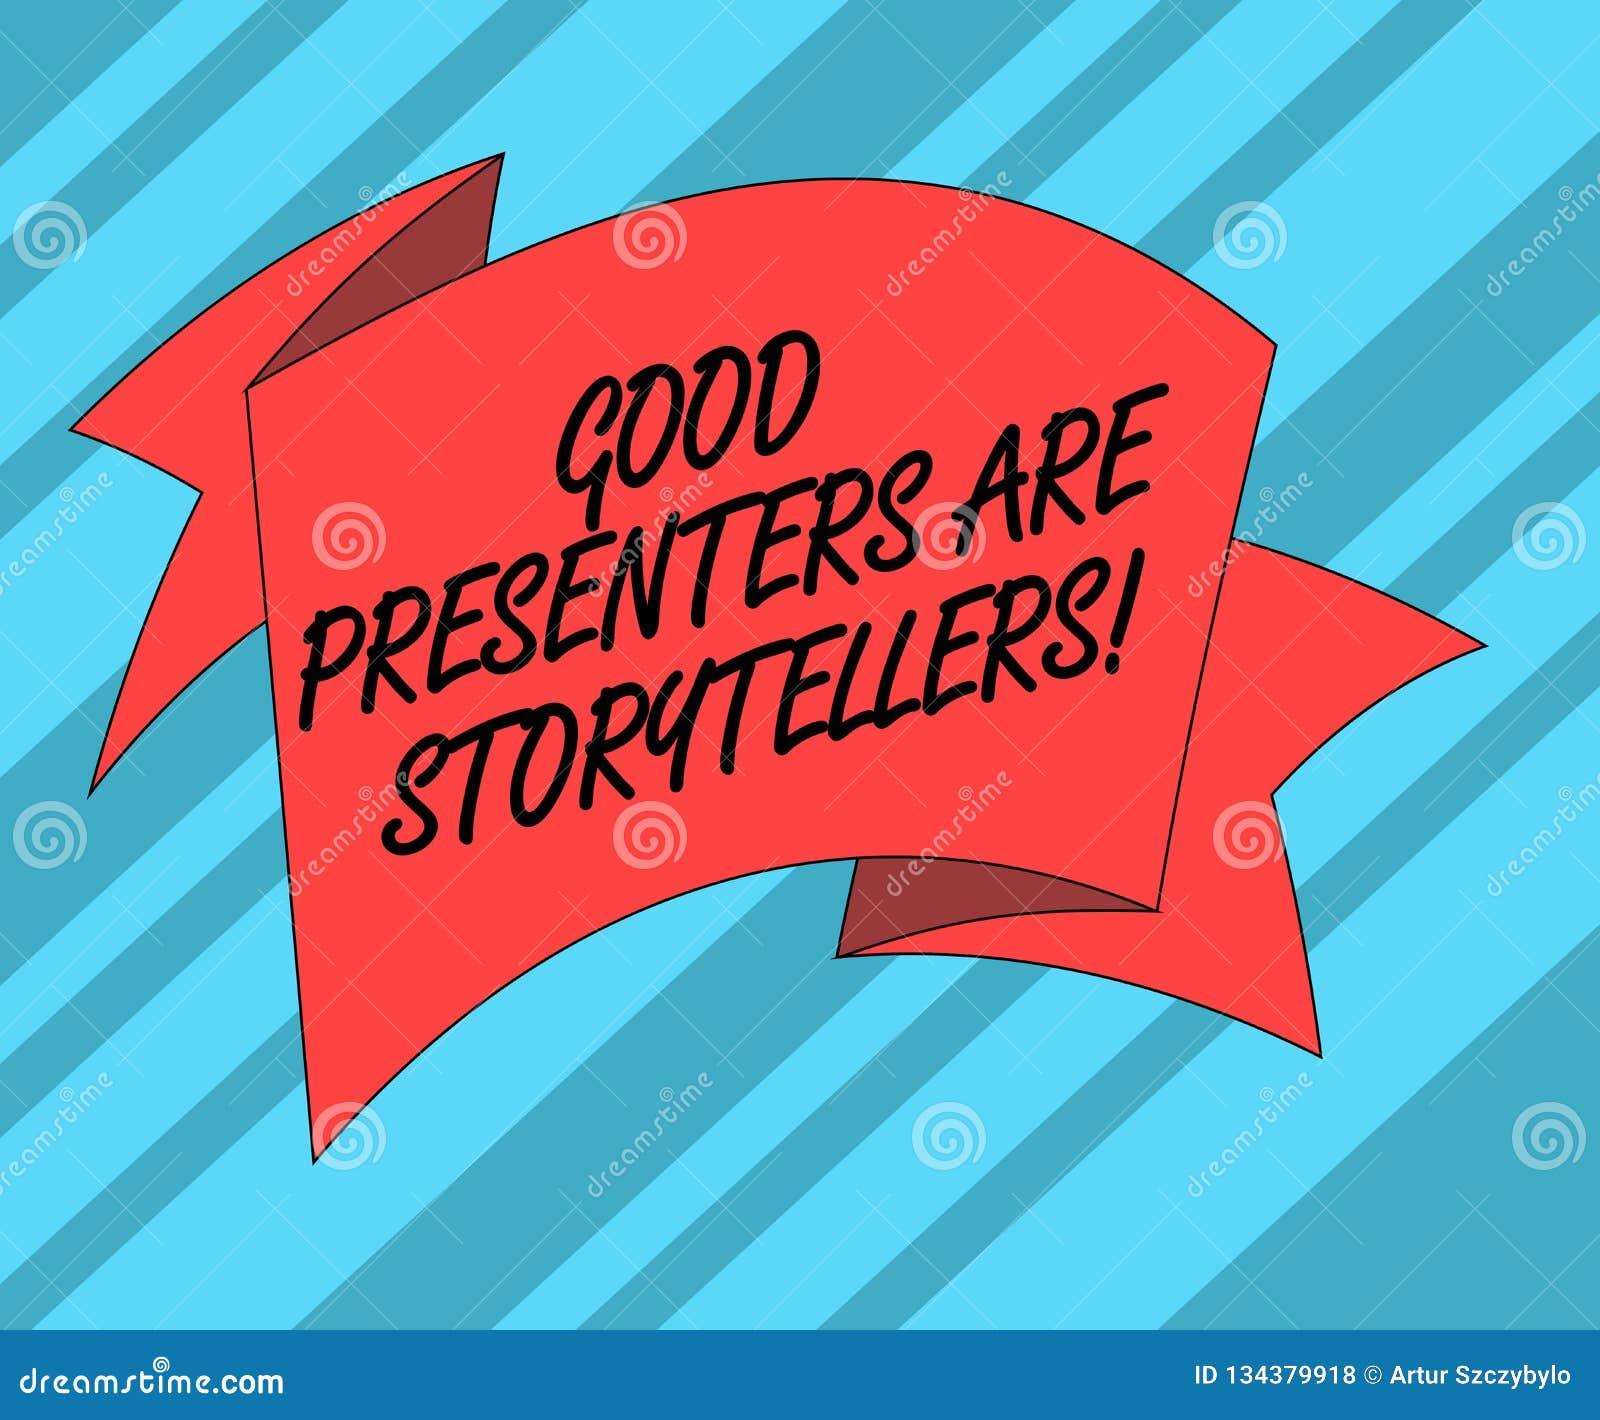 显示好赠送者的文本标志是讲故事者 概念性照片伟大的通信装置讲被折叠的优秀故事